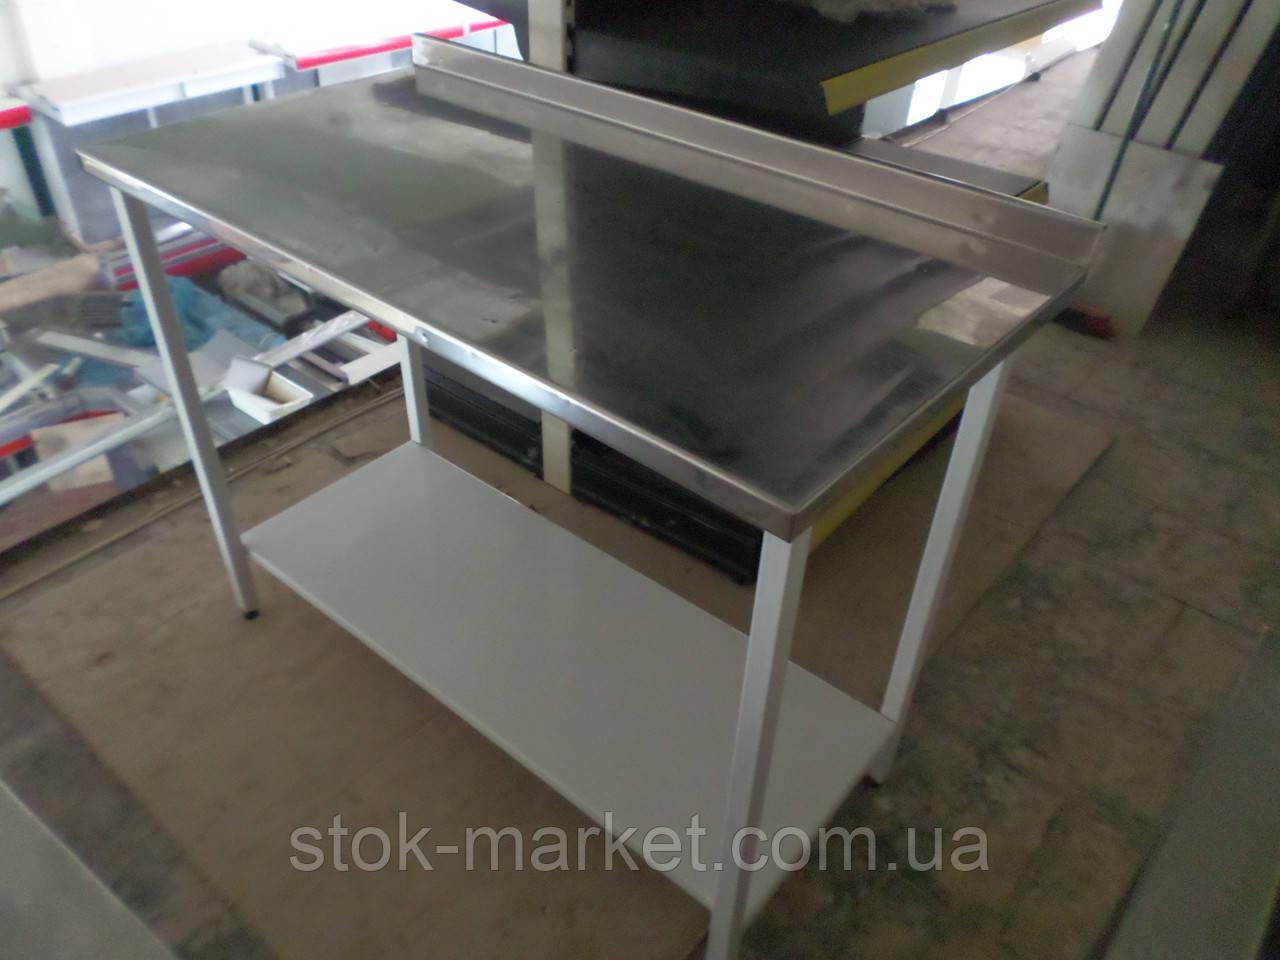 Стол из нержавеющей стали б/у, нержавейка стол, стол с нержавейки б у, стол производственный б/у, производстве